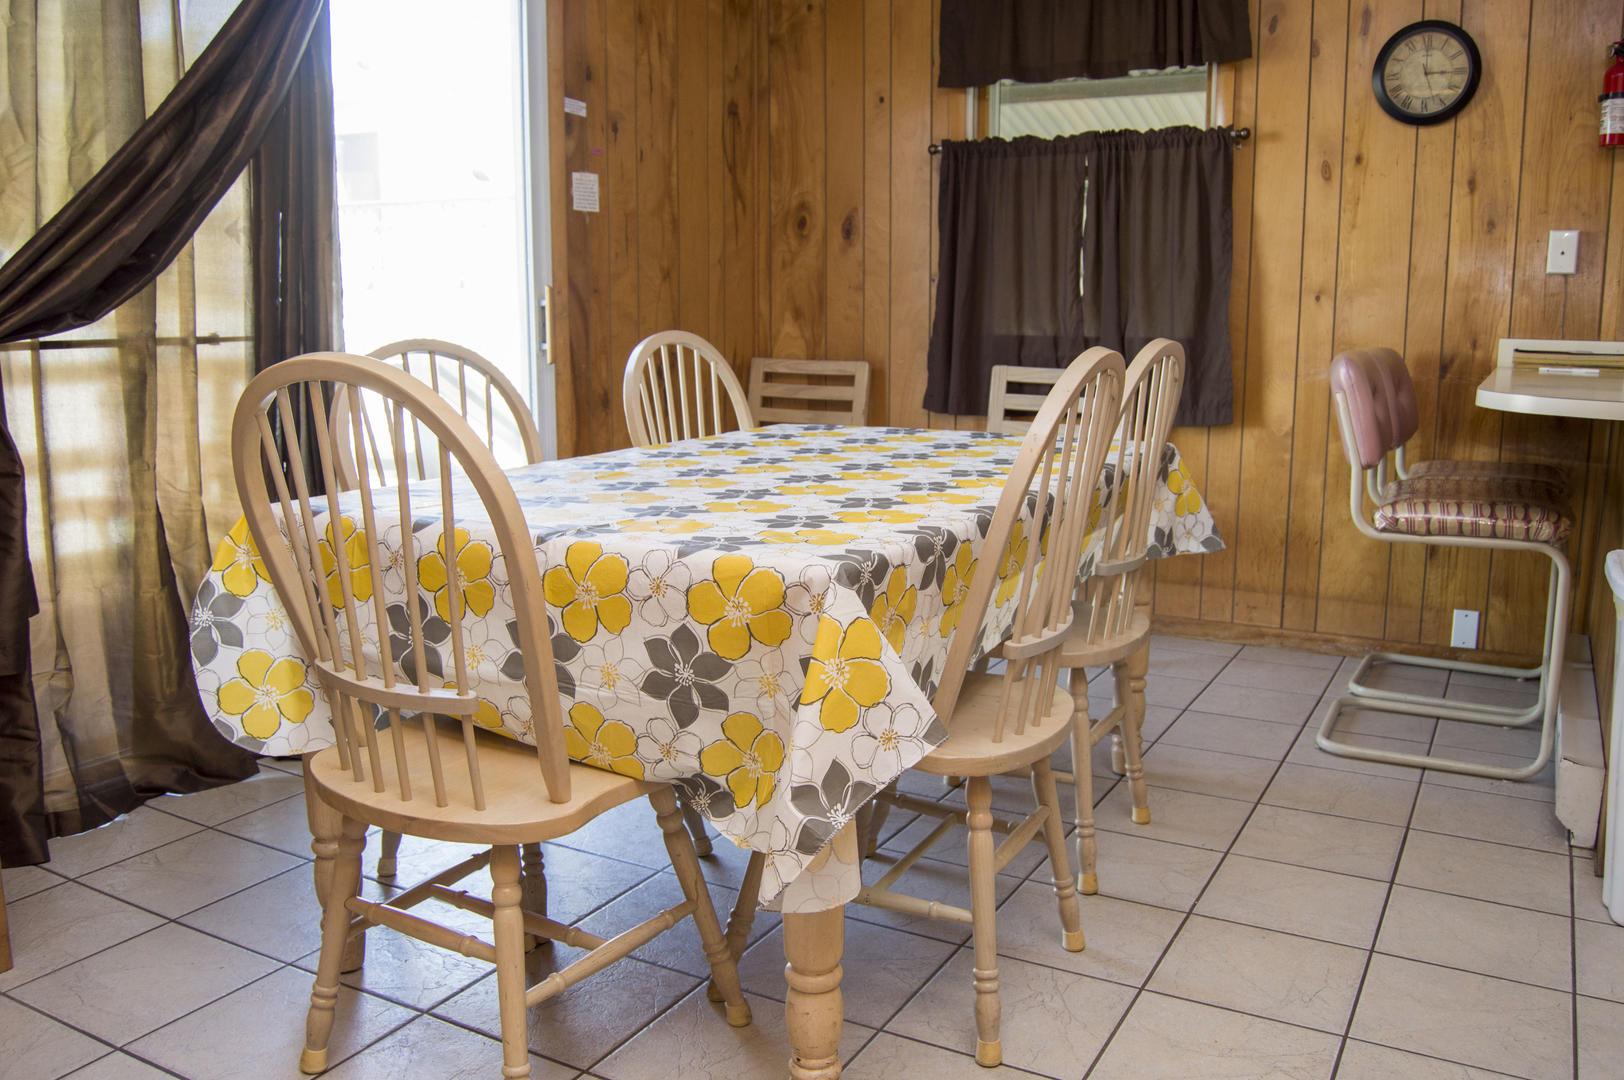 Karoline's Place - Dining Area